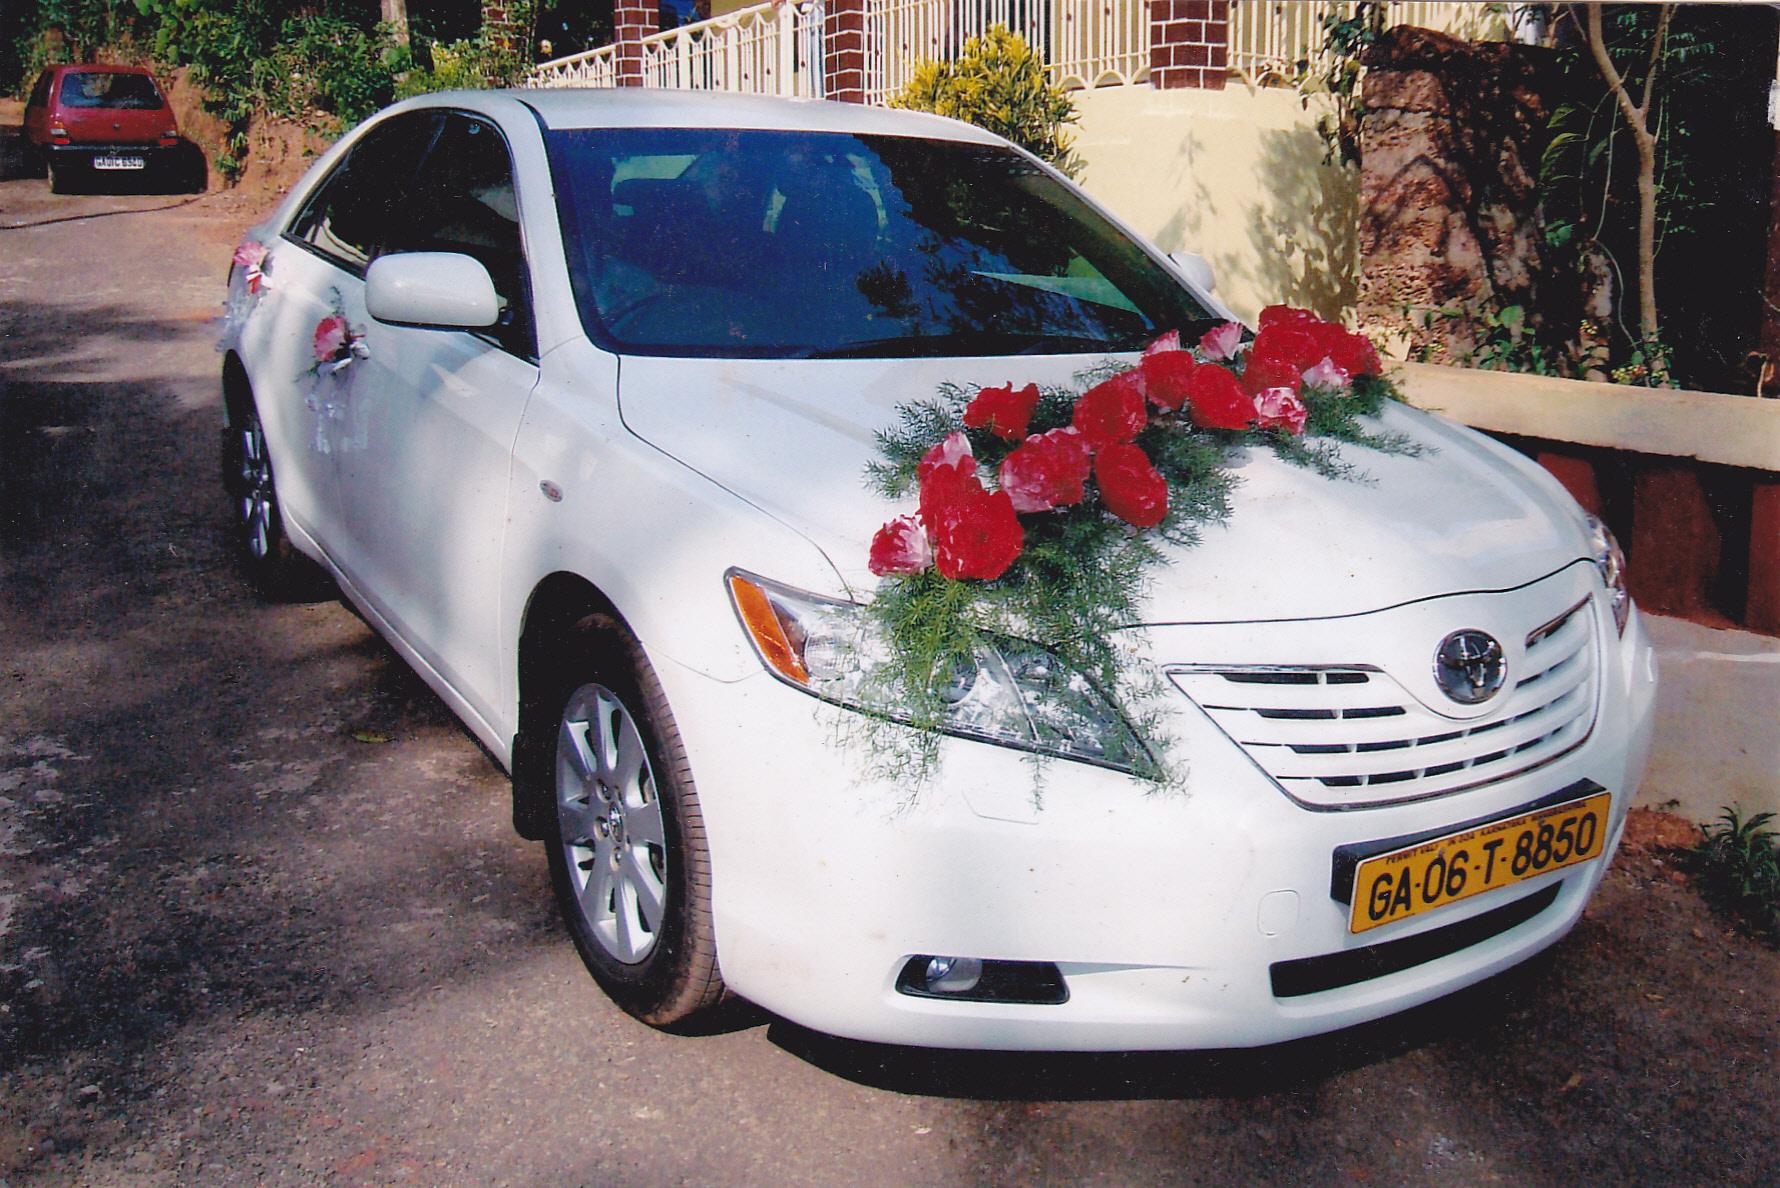 Car Coach Rental Goanwedding